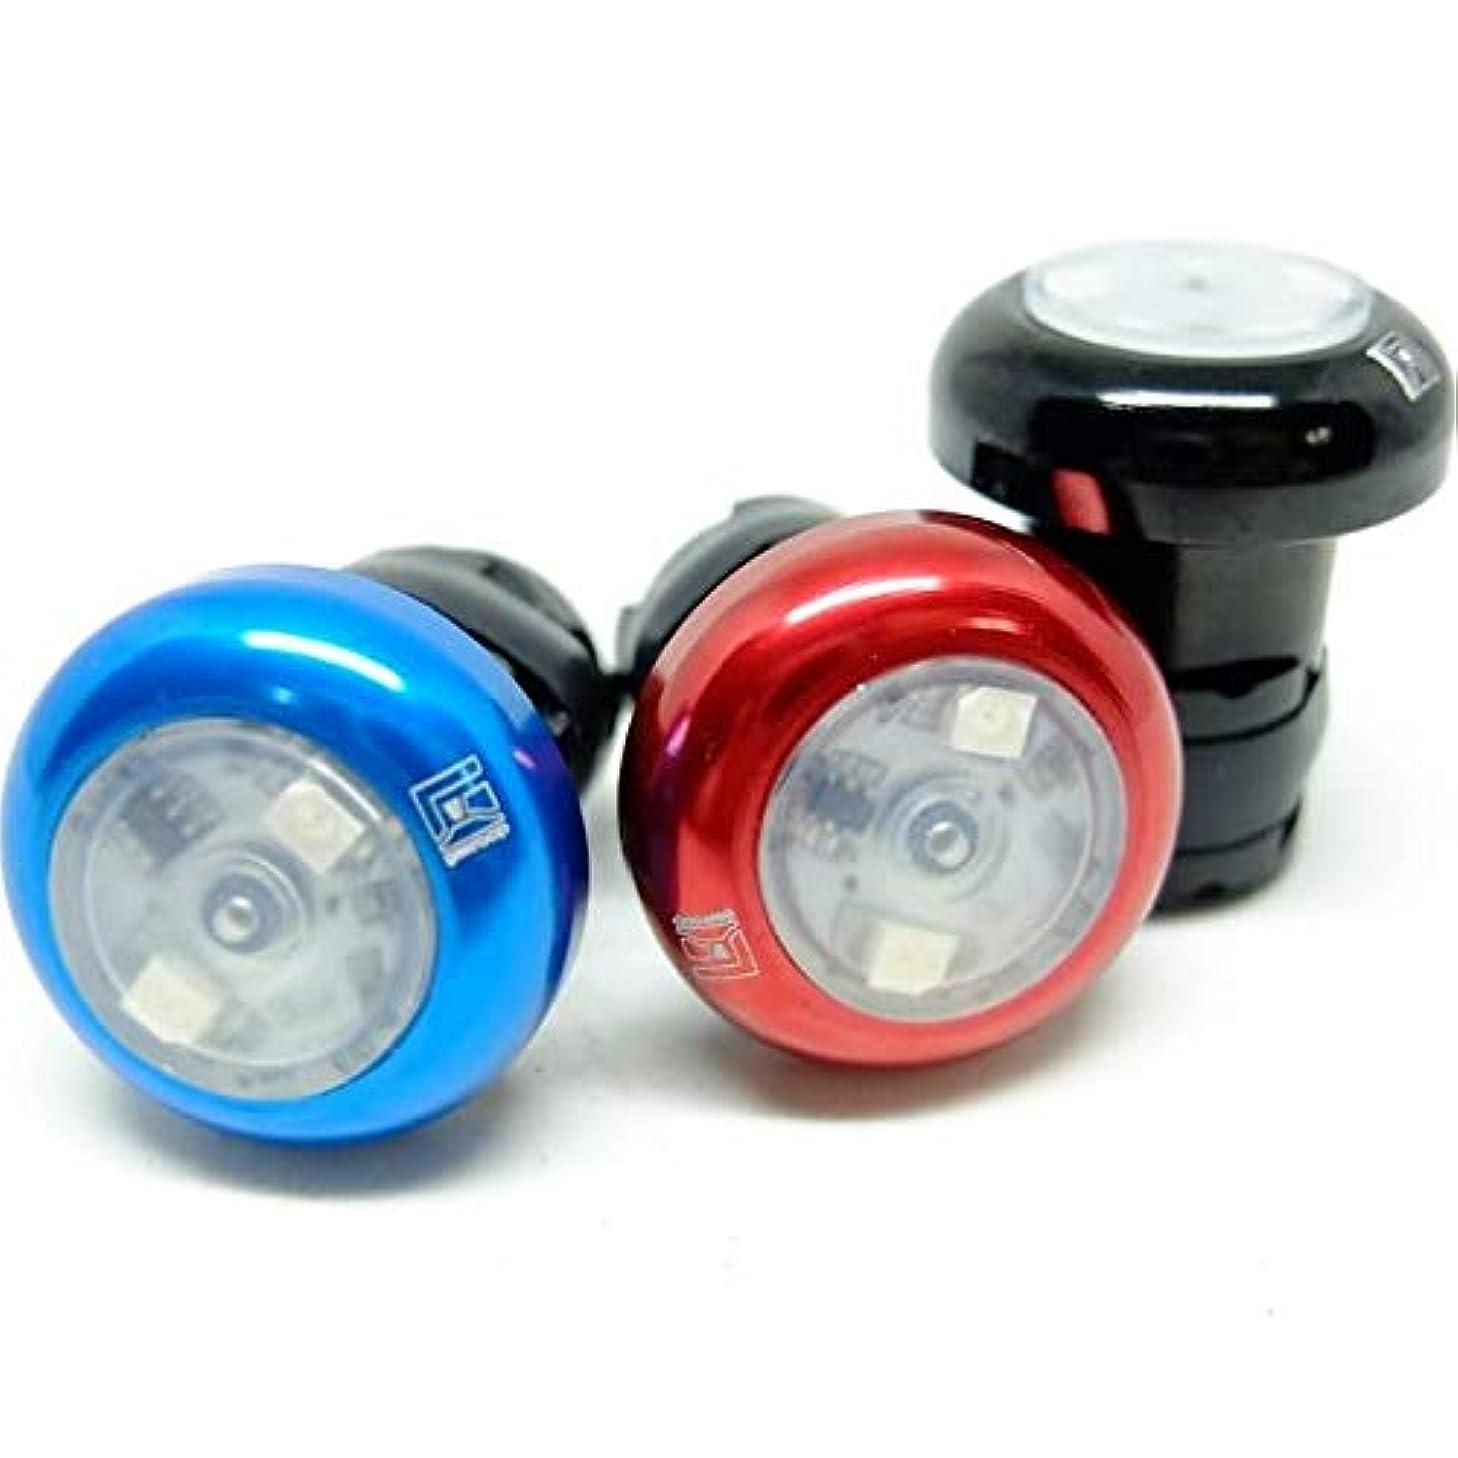 第五昇るオプショナルgearoop ギアループ HandleBar End Lights 2.0 ハンドルバー ライト- CPG-ARC, Red, 28mm【日本正規代理店品】